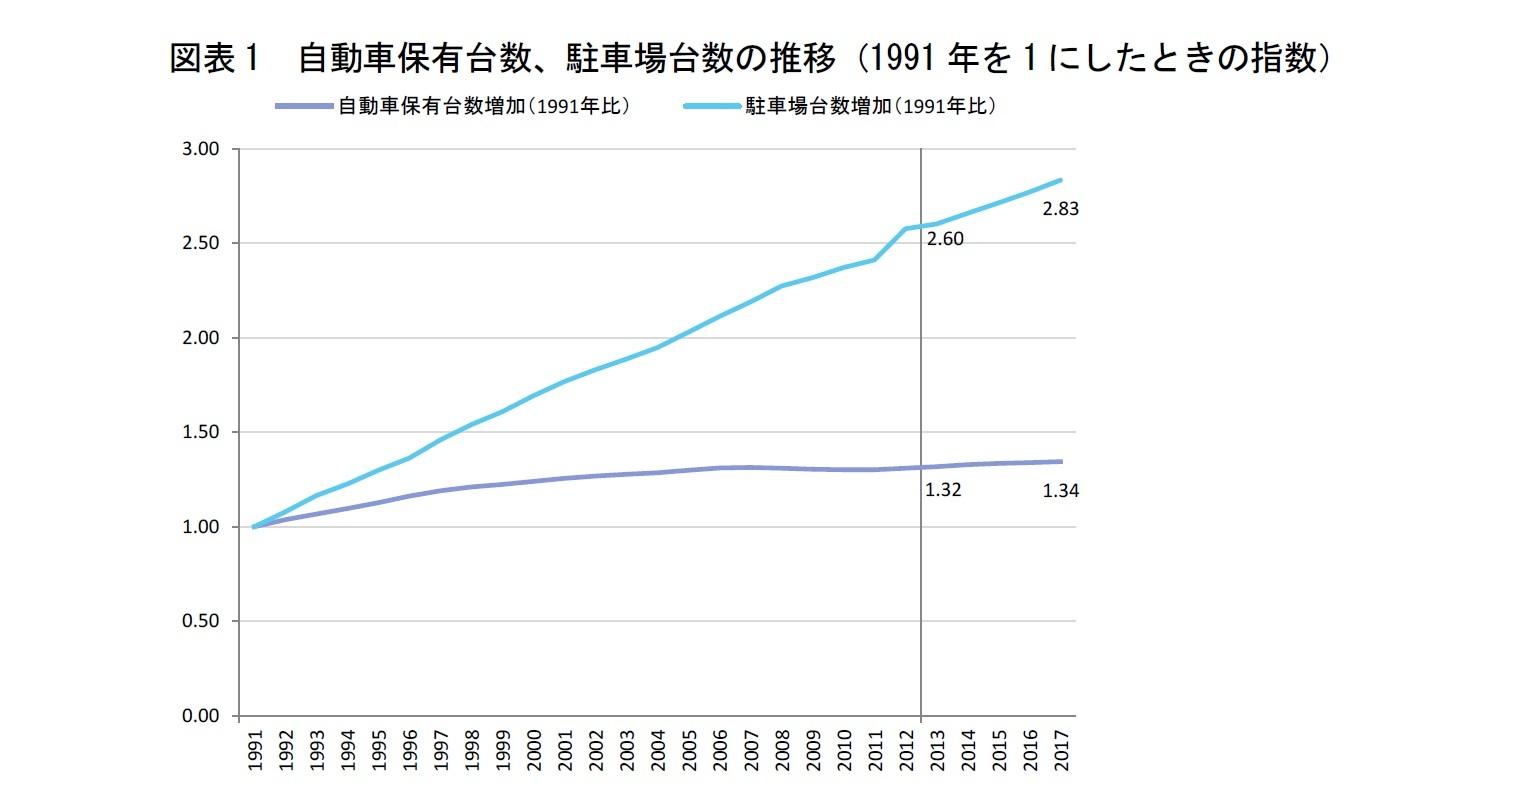 図表1 自動車保有台数、駐車場台数の推移(1991年を1にしたときの指数)